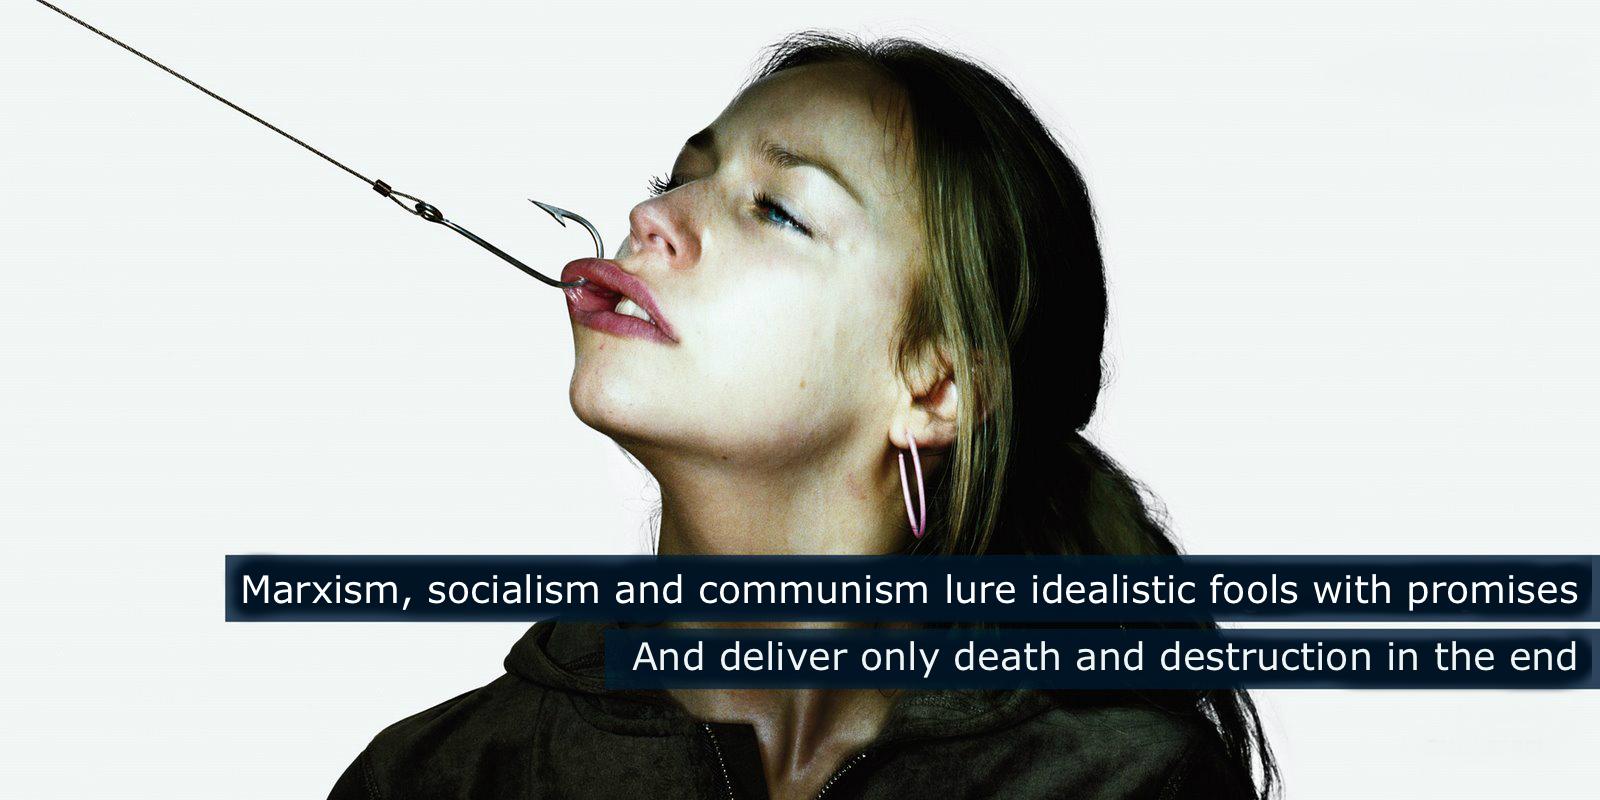 Marxism-Socialism-Communism-Promises-Destruction